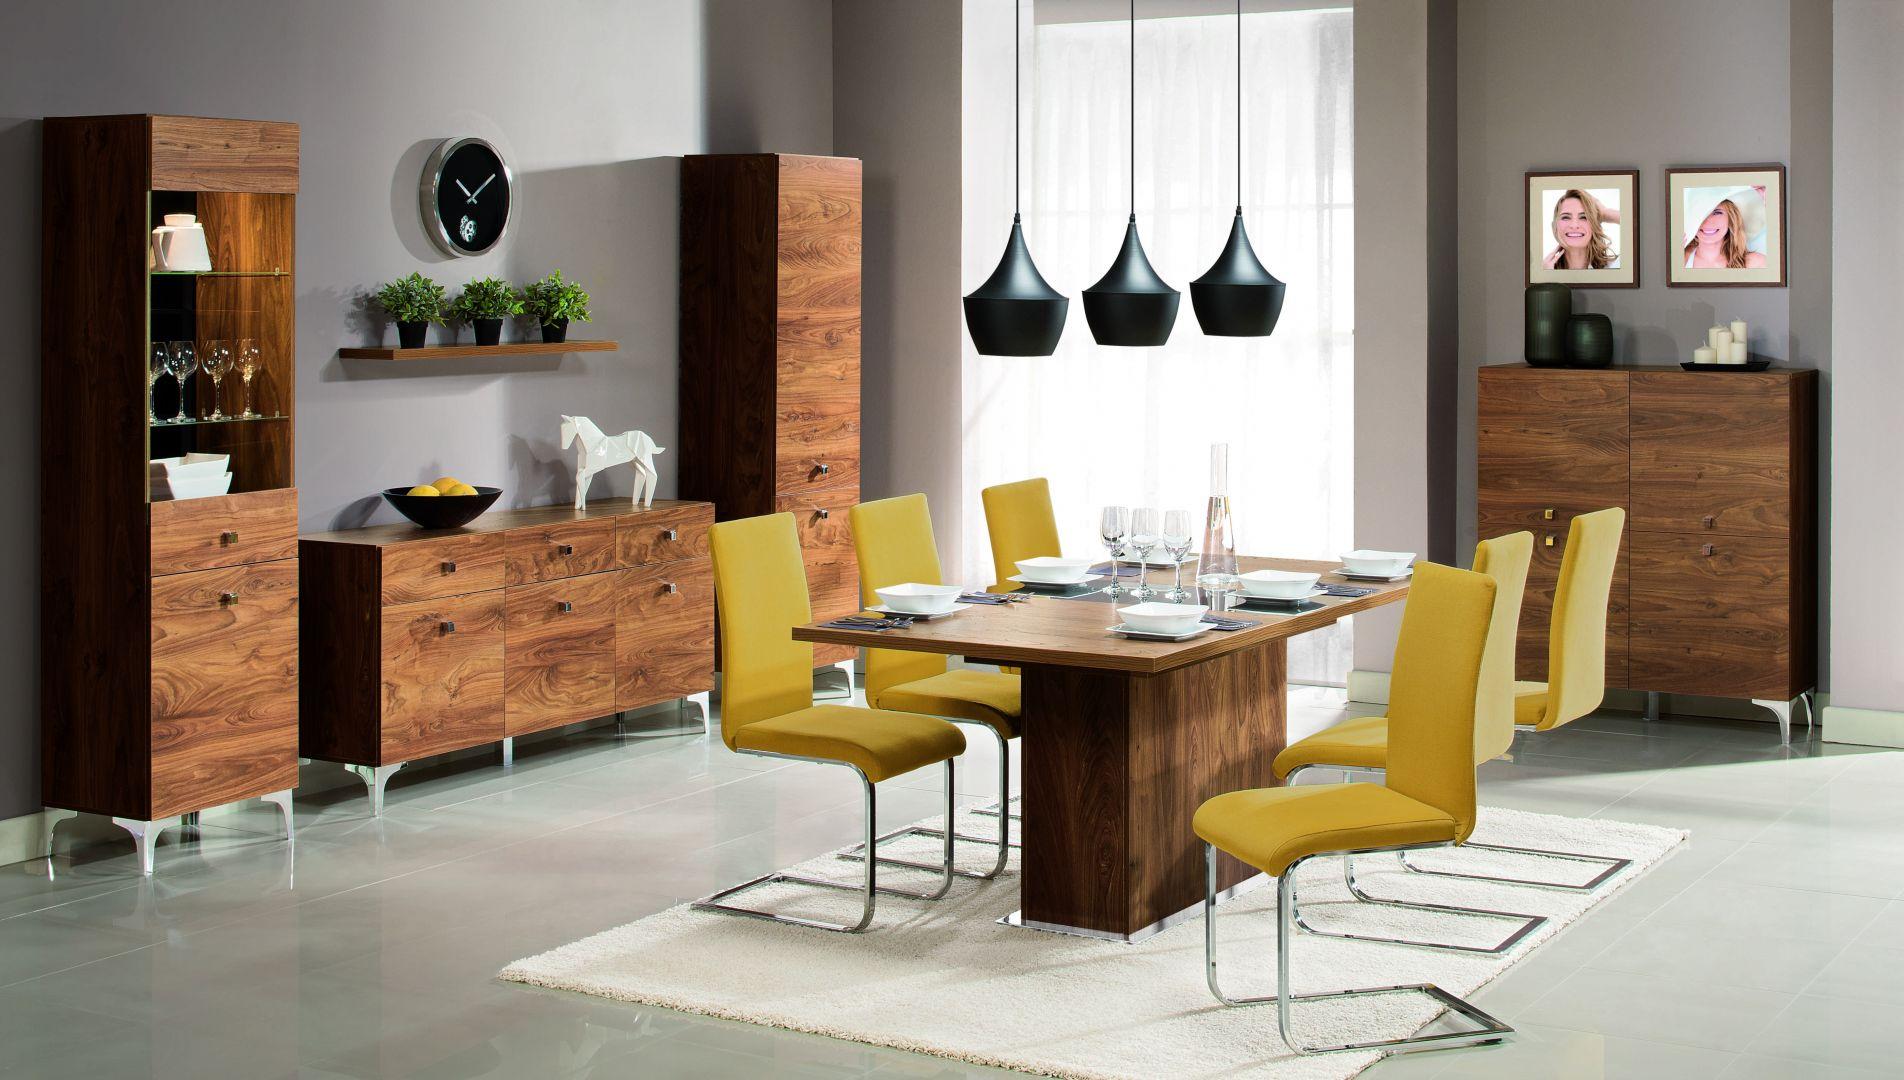 Jadalnia Siena. Rozkładany stół wykonany z płyty do złudzenia przypominającej naturalne drewno z wstawką na wysoki połysk w czarnym lub szampańskim kolorze idealnie wpisuje się zdaniem redakcji w nowoczesne wnętrza. Fot. Wajnert